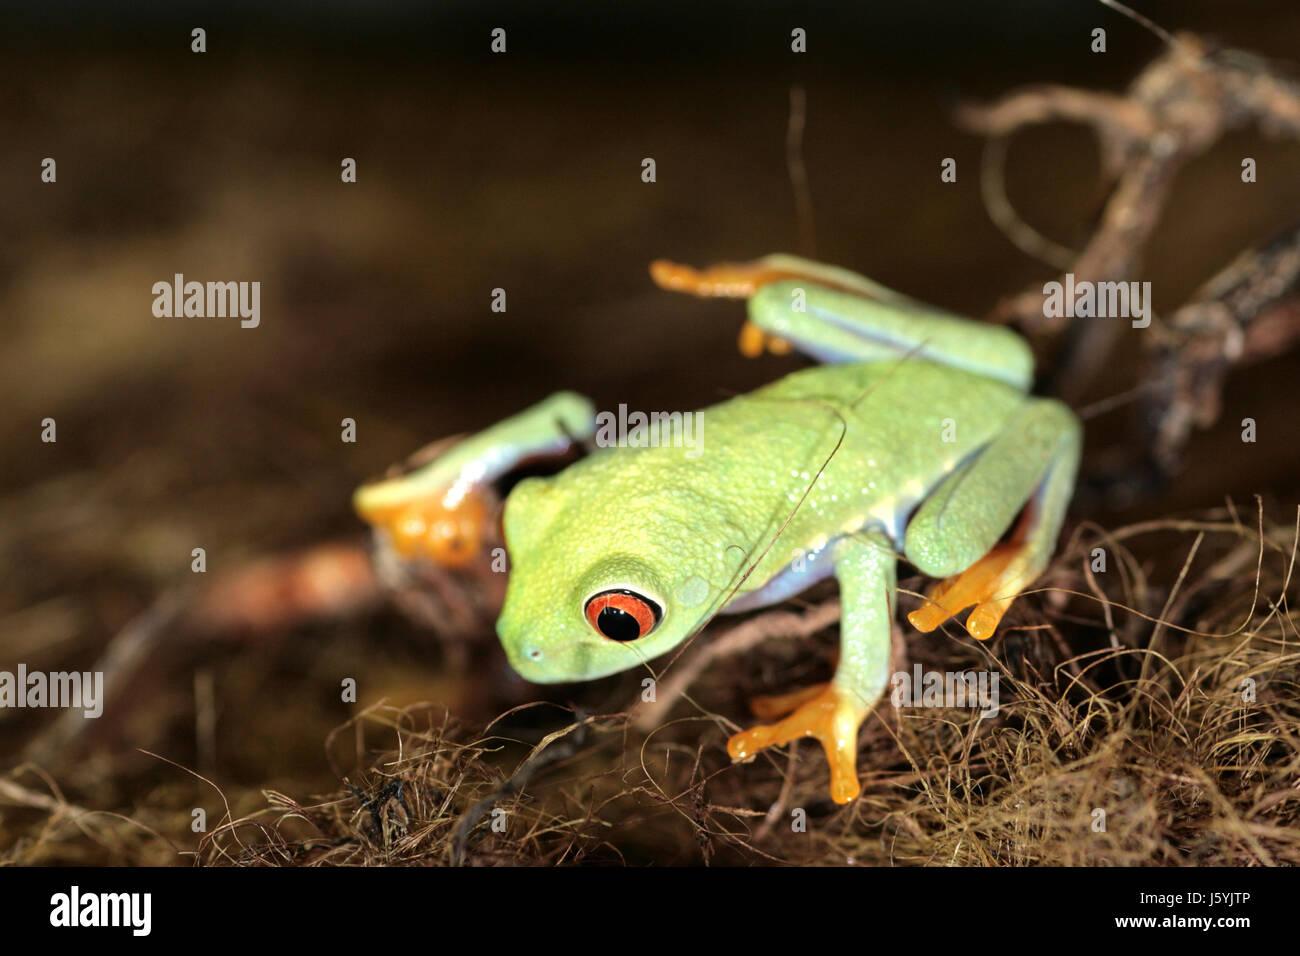 Großartig Frosch Und Kröte Zusammen Malvorlagen Fotos - Entry Level ...